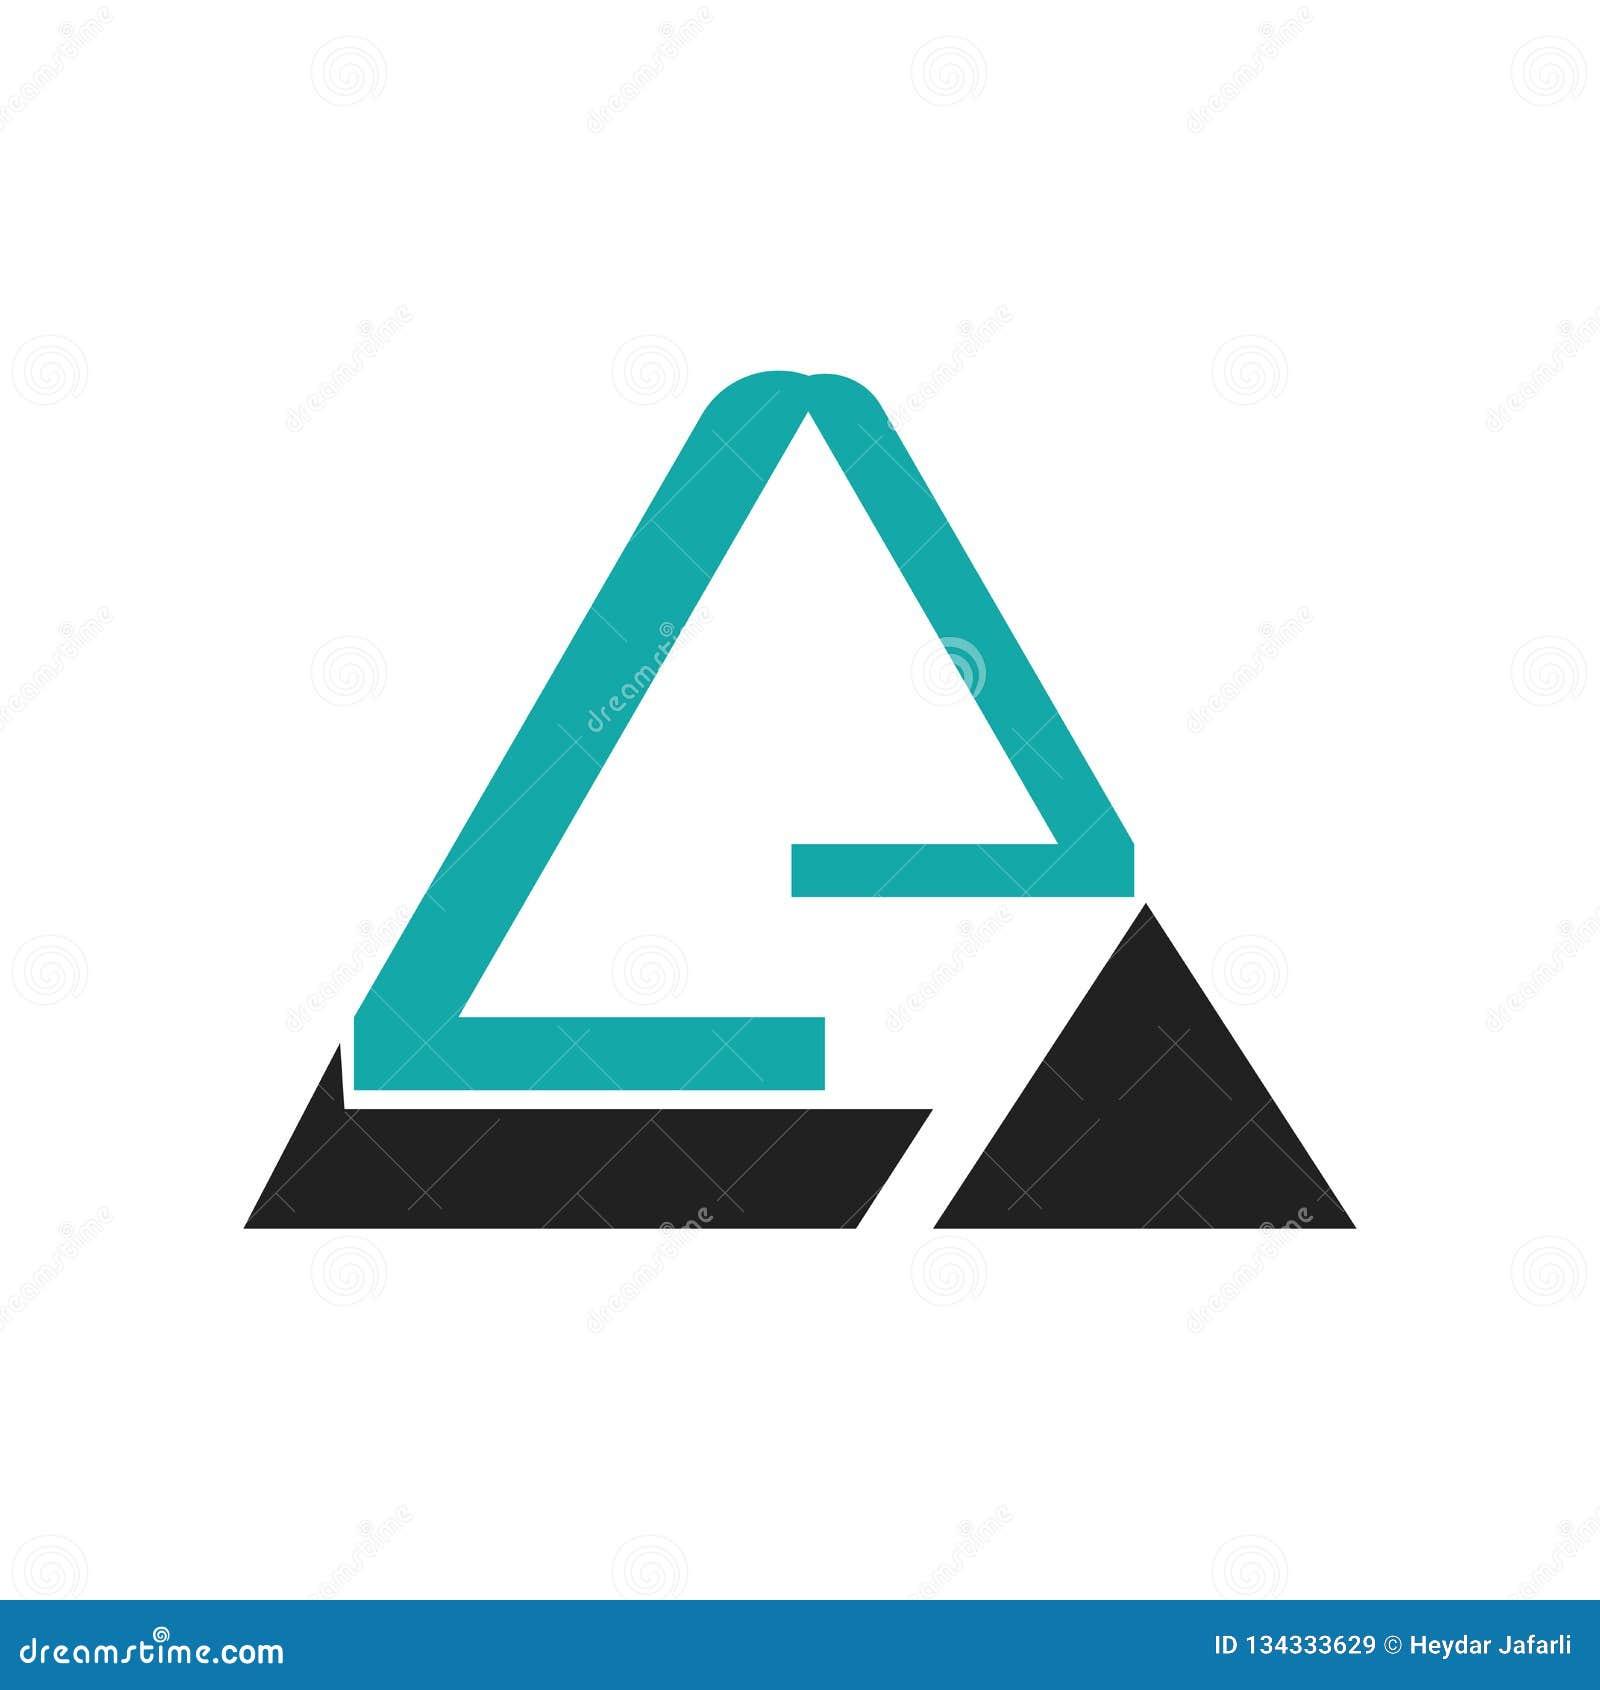 三角金字塔图表象在白色背景隔绝的传染媒介标志和标志,三角金字塔图表商标概念